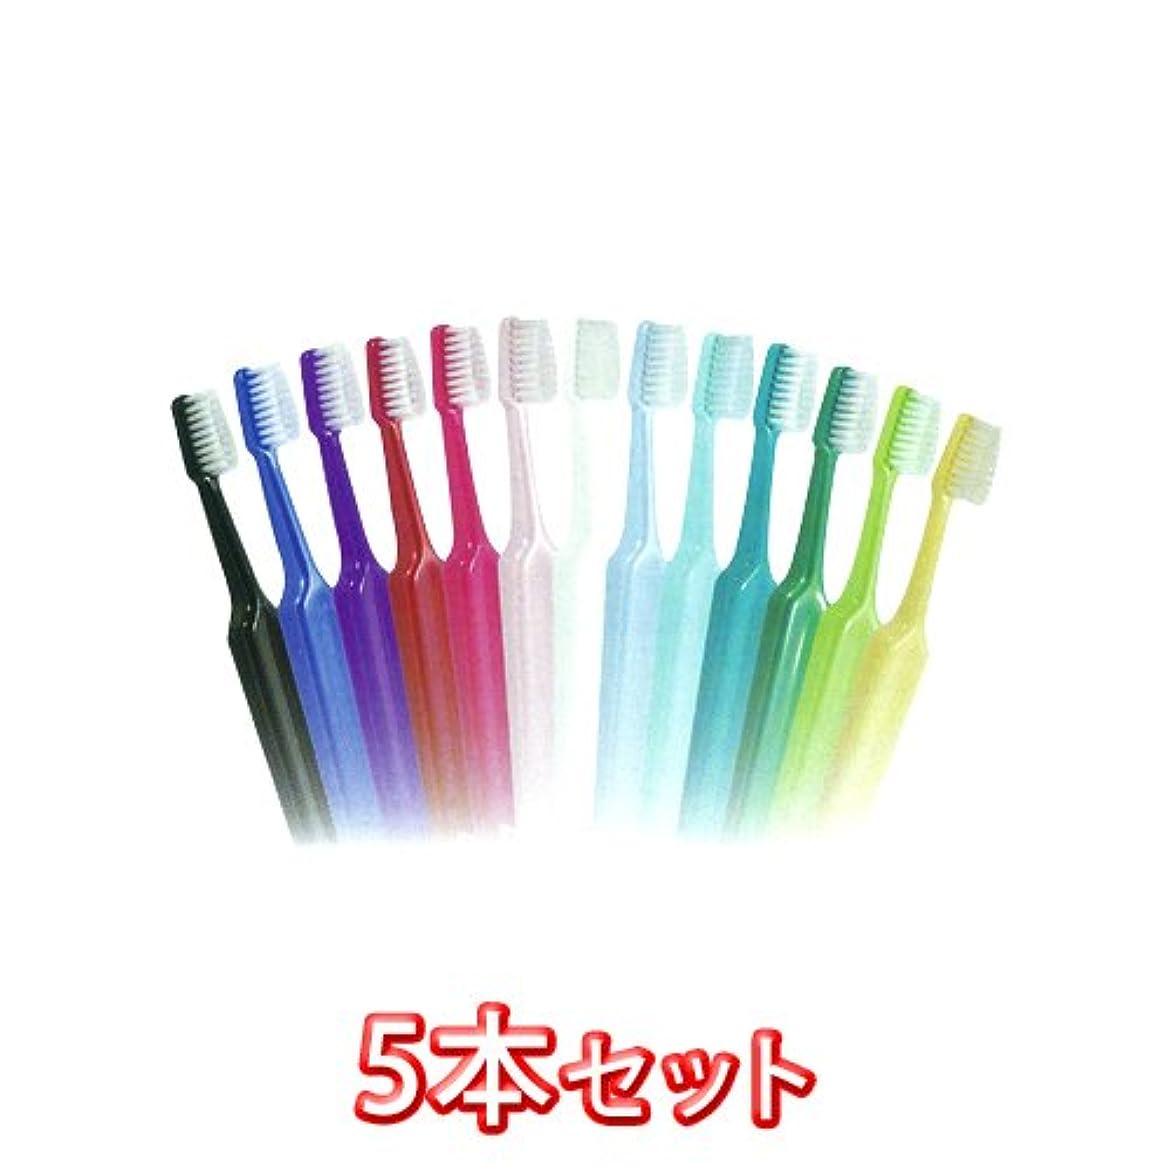 雑多な原油耐えられるクロスフィールド TePe テペ セレクト 歯ブラシ 5本 (エクストラソフト)